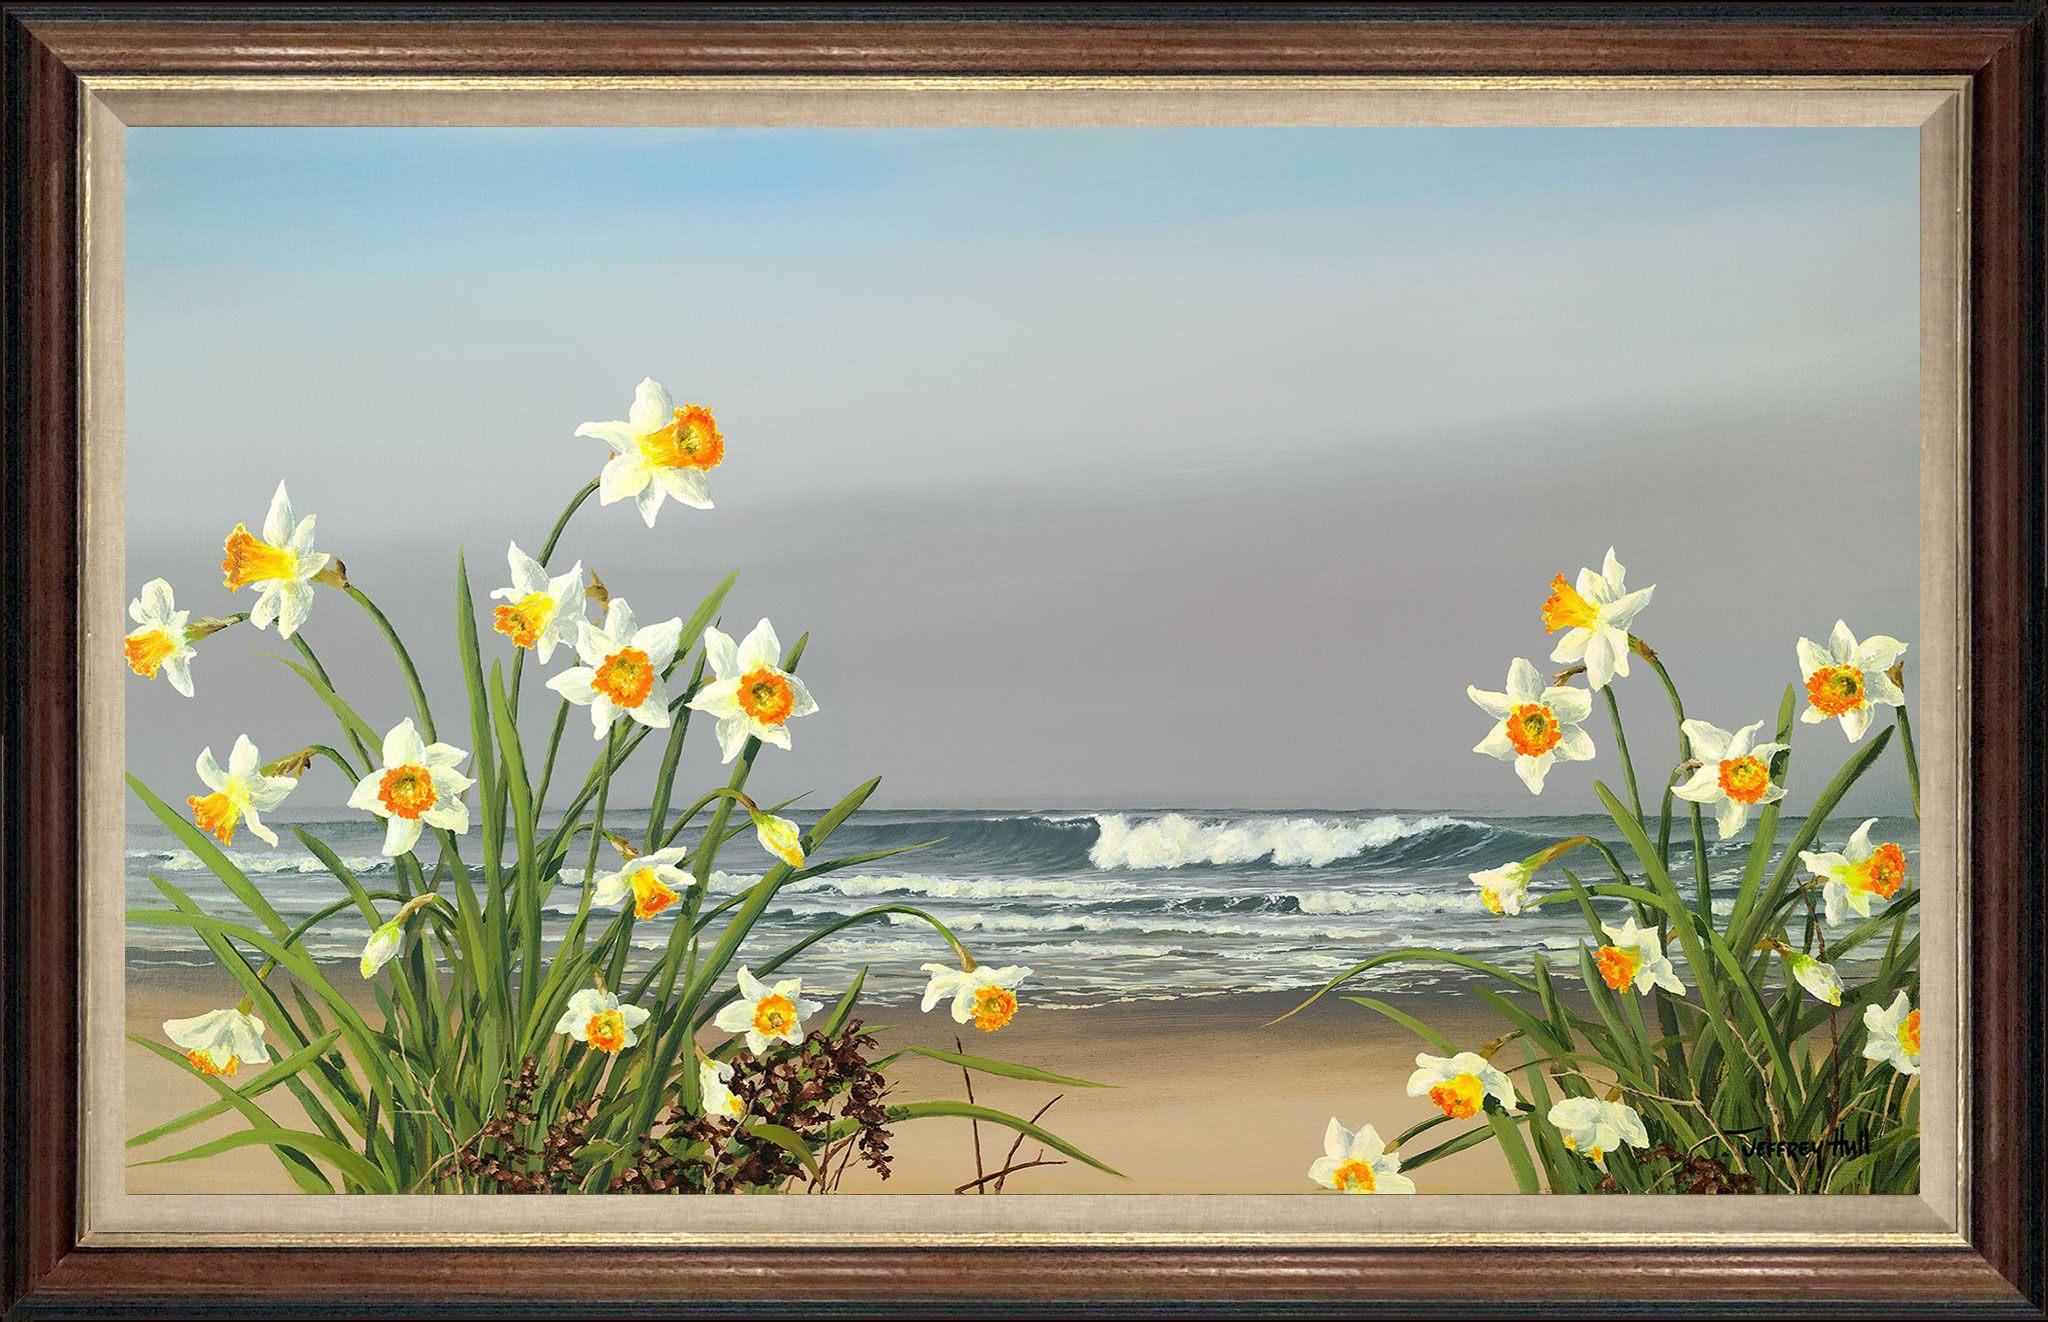 Shoreline-Daffodils-LimEd-Malabar-Natural-Liner-4-Website-2021